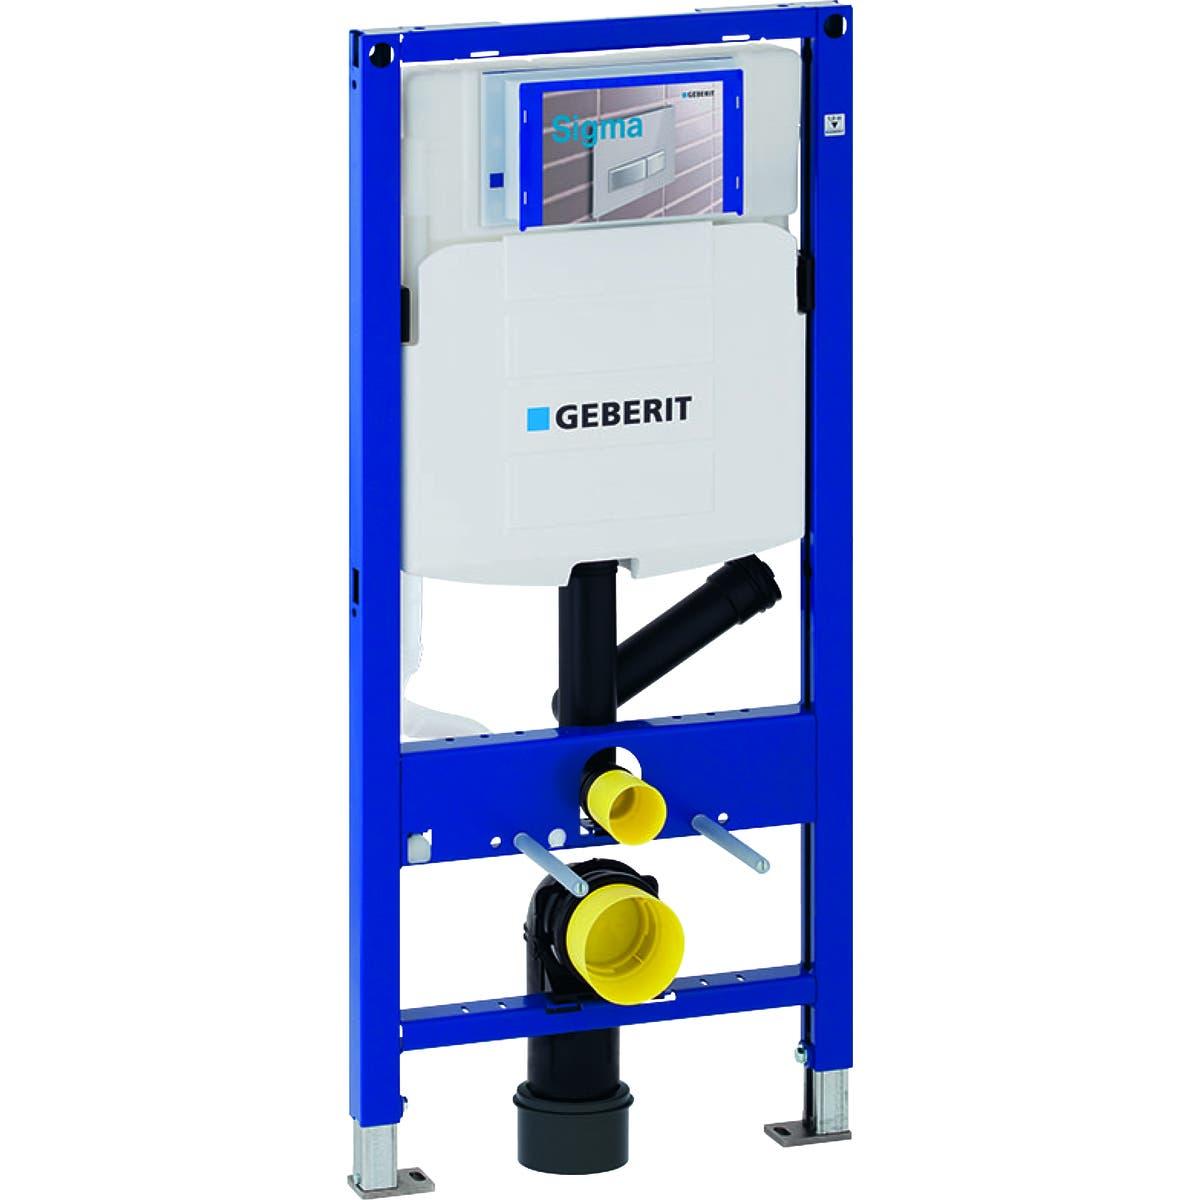 Geberit Bâti-support Geberit Duofix pour WC suspendu, 112 cm, avec réservoir à encastrer Sigma 12 cm, pour aspiration des odeurs avec extraction d'air Geberit 111.364.00.5